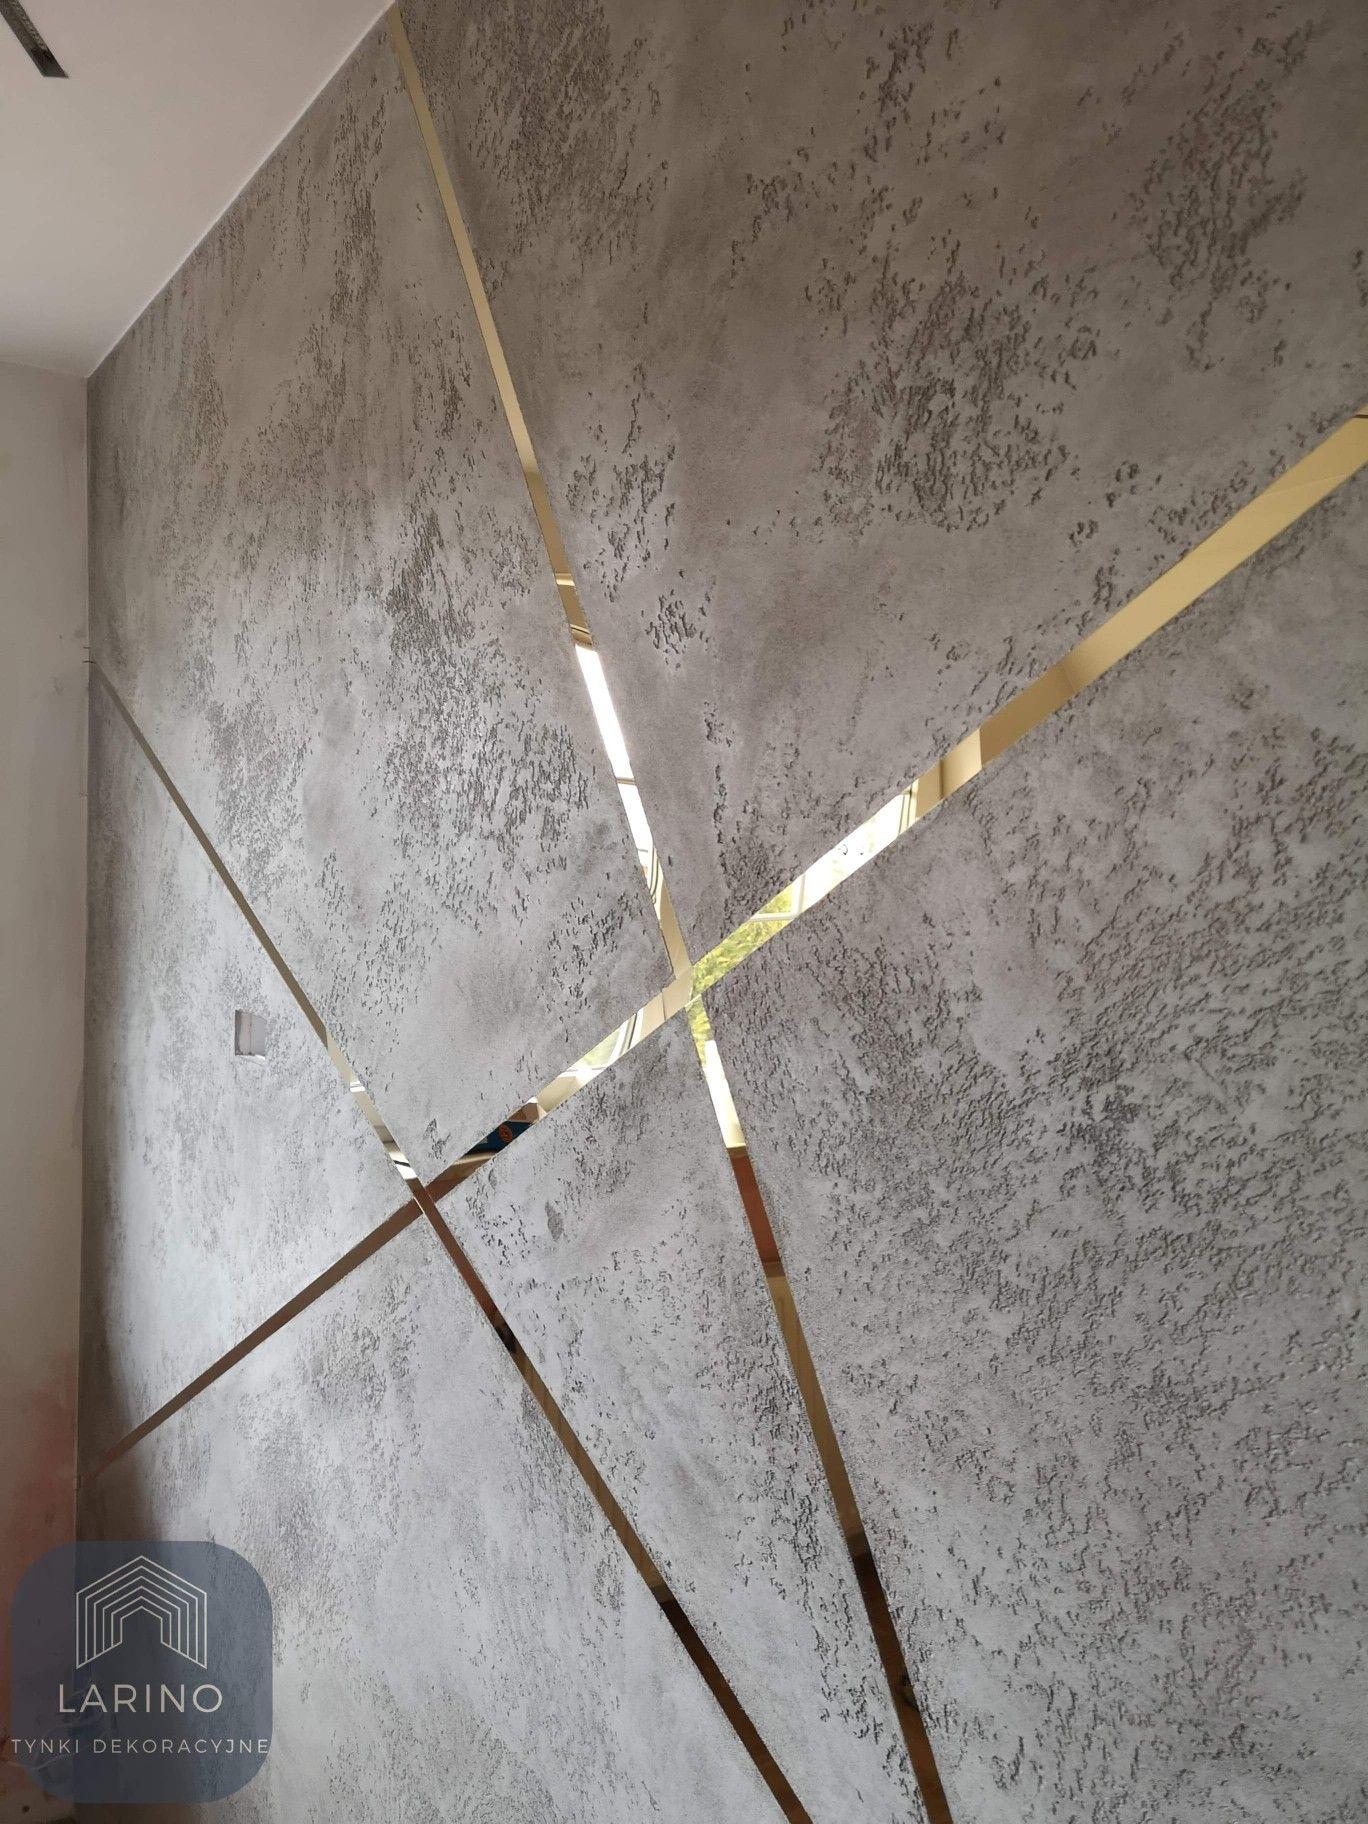 Beton Architektoniczny Ze Zlotym Podzialem In 2021 Home Wall Decor Home Decor Wall Coverings